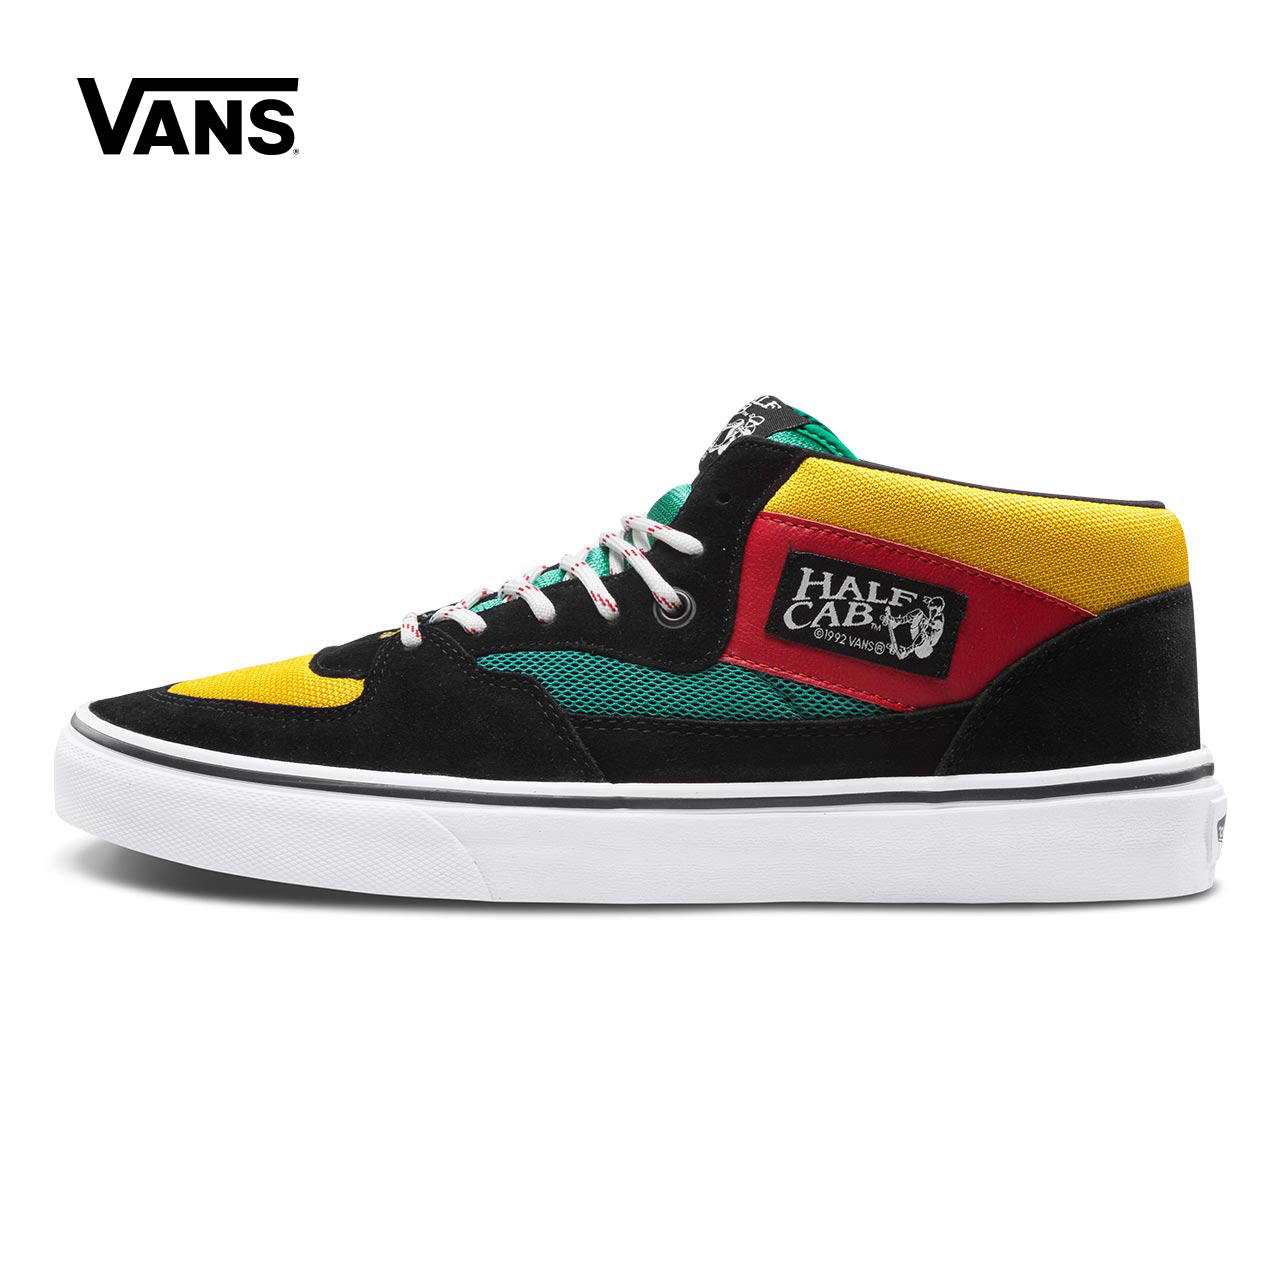 Vans 范斯官方男女款HALF CAB板鞋|VN0A348EU8V